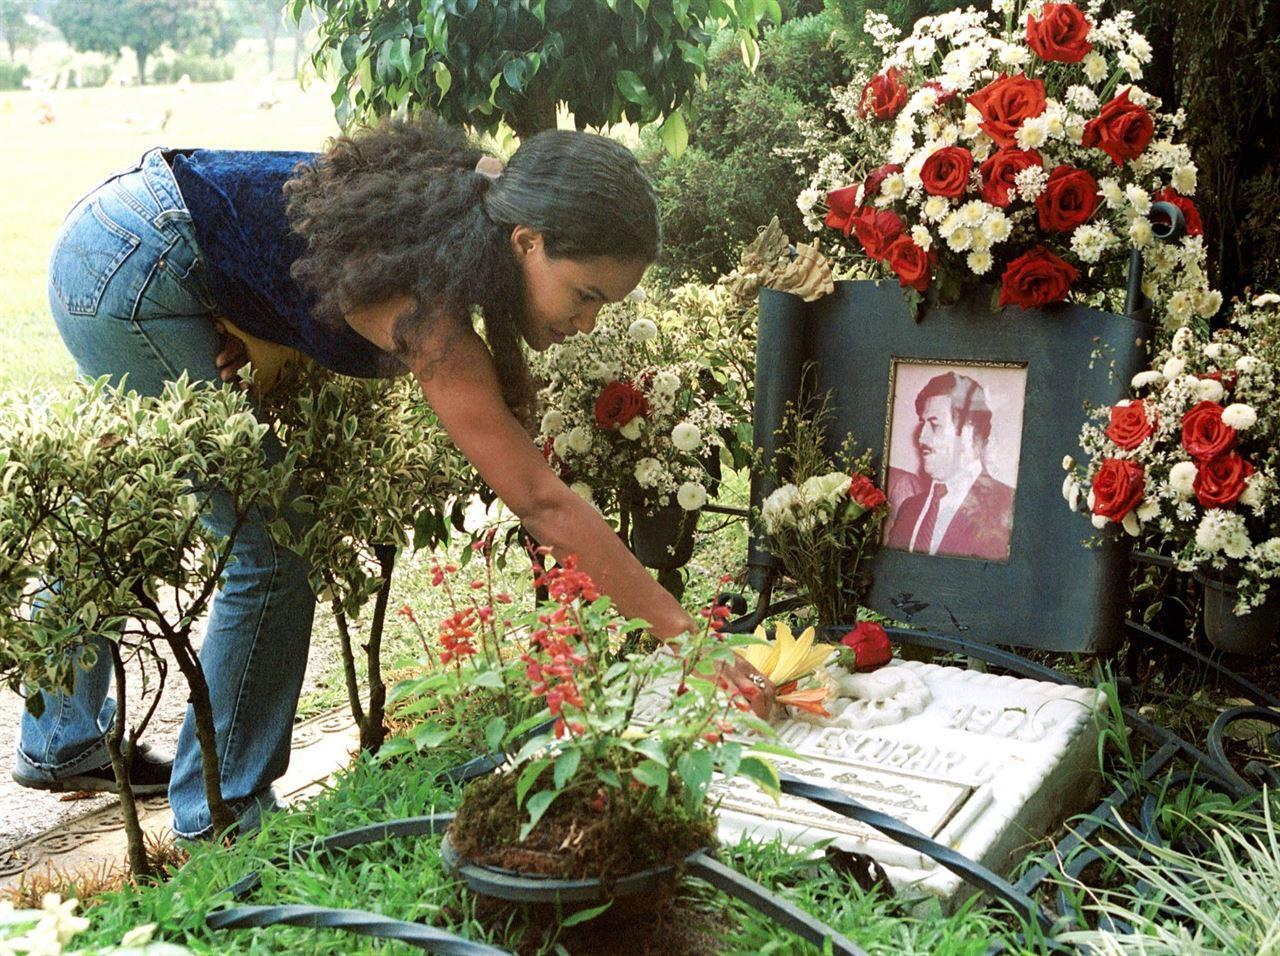 Pablo Escobar Y Su Familia >> Muerte de Pablo Escobar: Así fue la cacería del narcotraficante más poderoso del mundo   Los 90